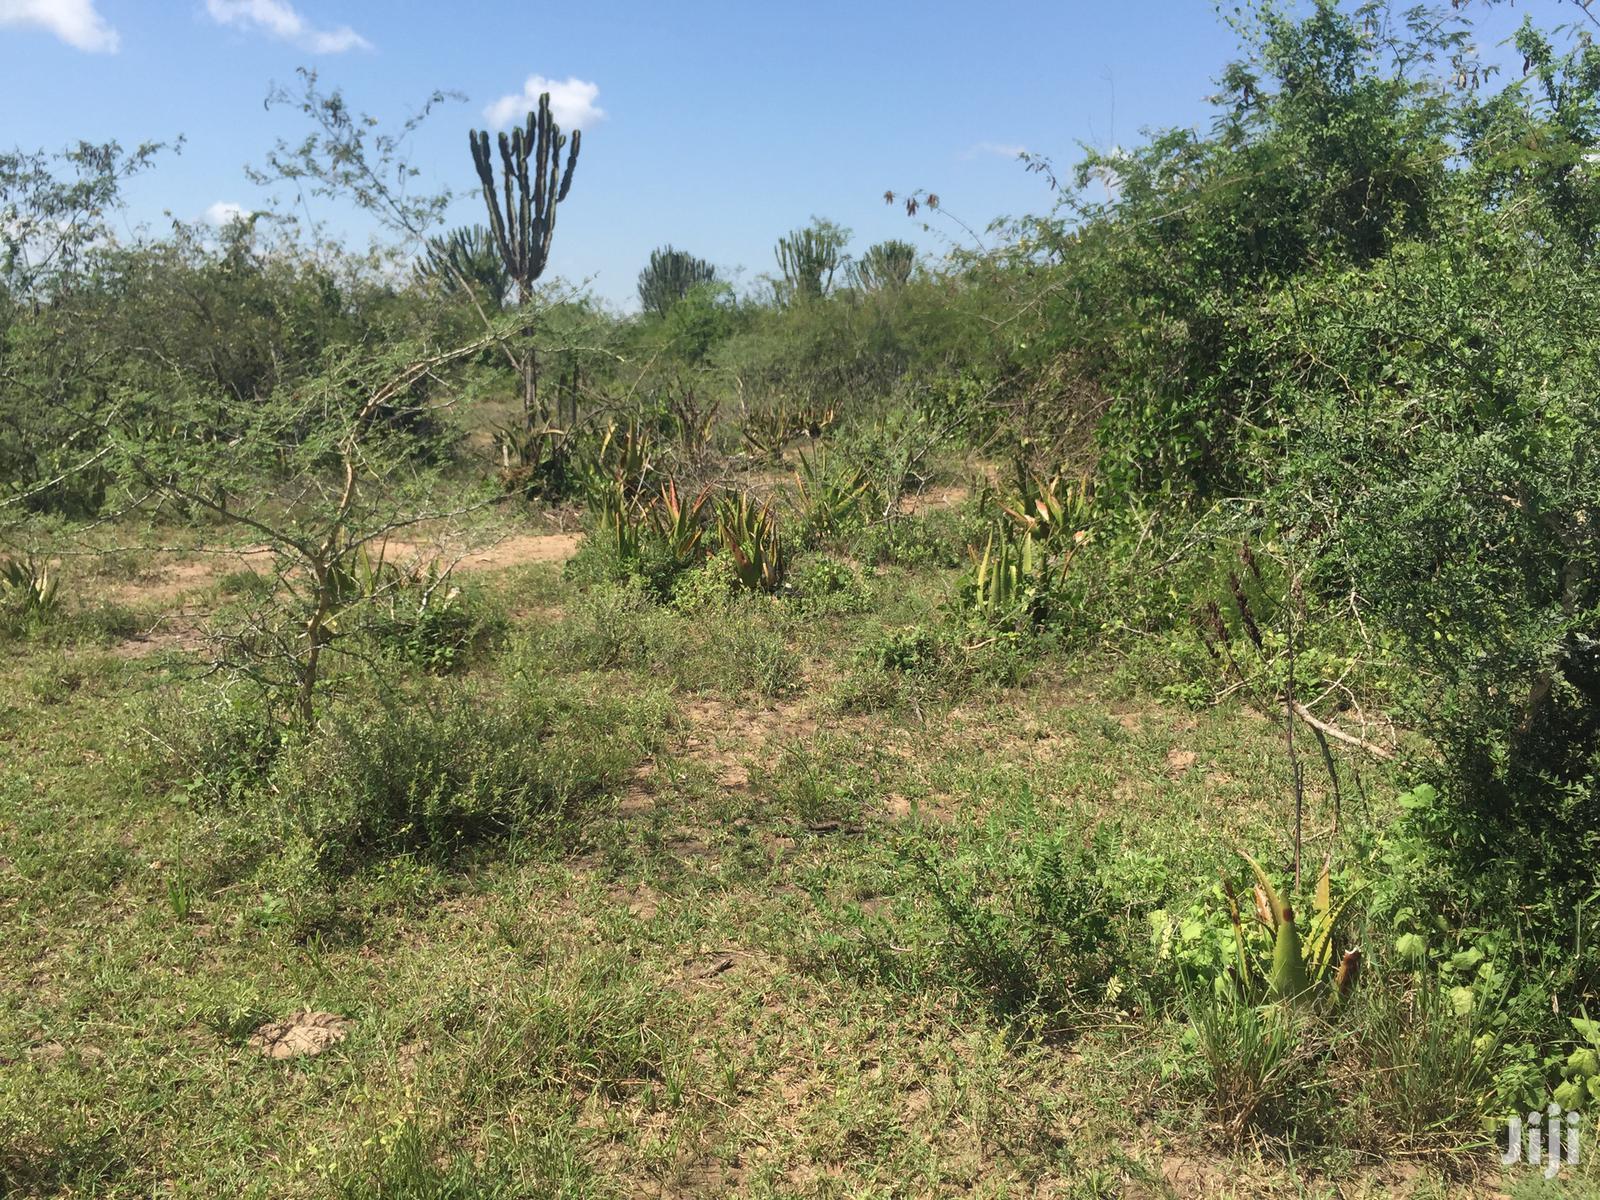 Agricultural Land For Sale | Land & Plots For Sale for sale in Soroti, Eastern Region, Uganda